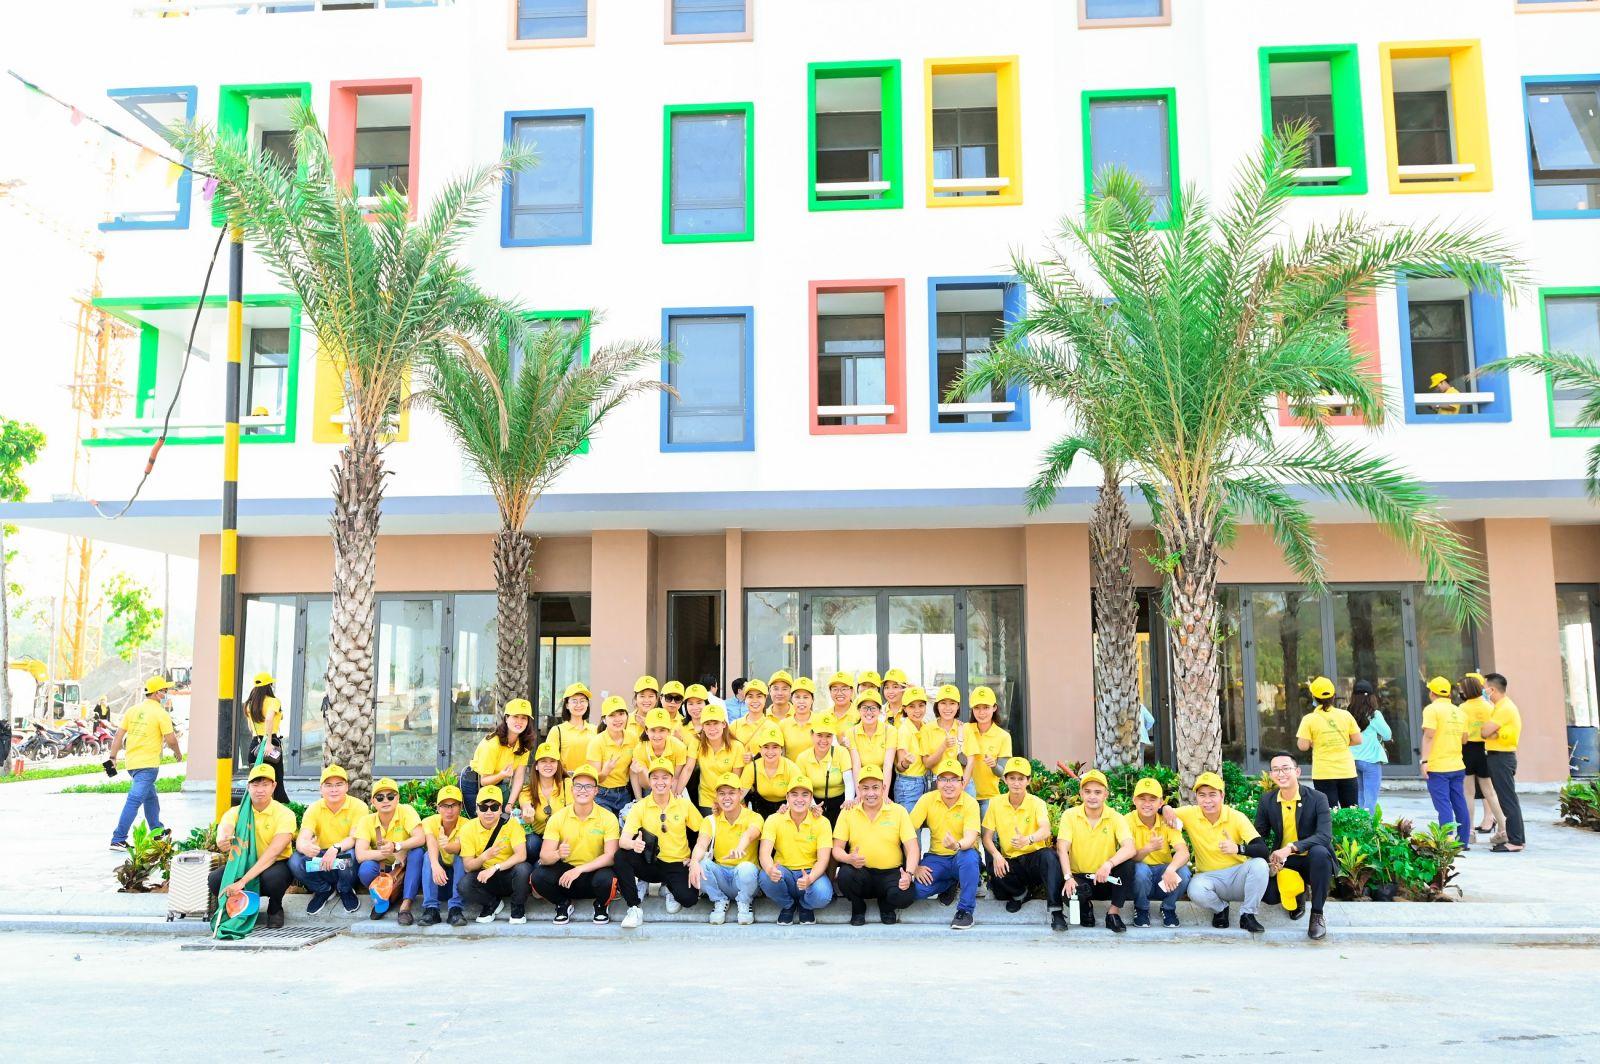 600 vị khách đặc biệt xông nhà Meyhomes Capital Phú Quốc